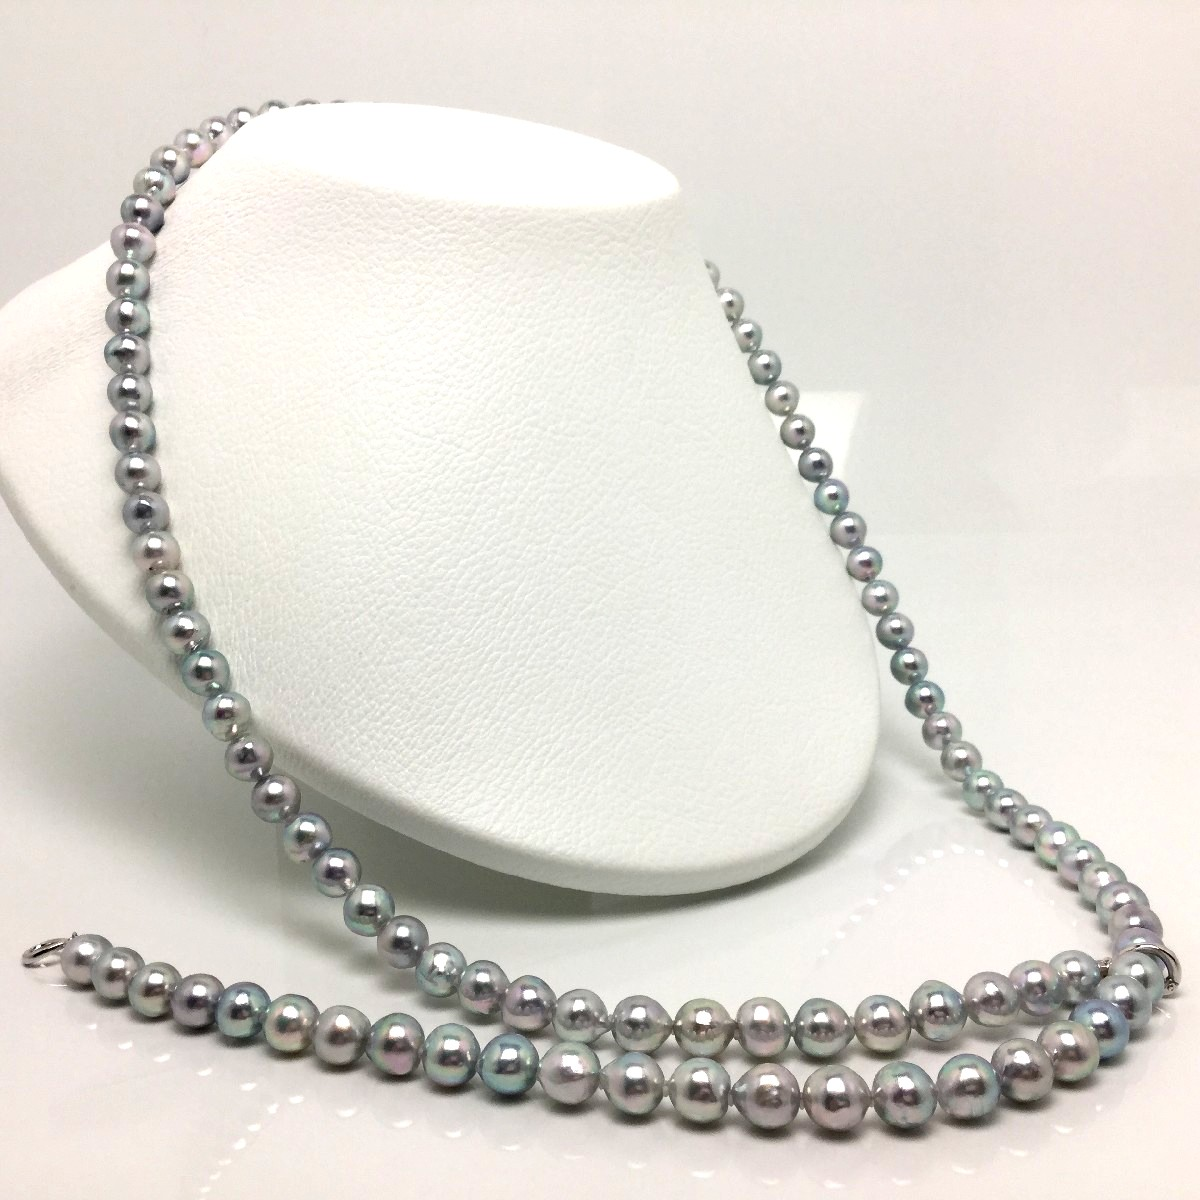 【10%OFF】真珠 ネックレス パール アコヤ真珠 セミロング 8.5-9.0mm シルバーブルー(ナチュラル) シルバー クリッカー 67058 イソワパール